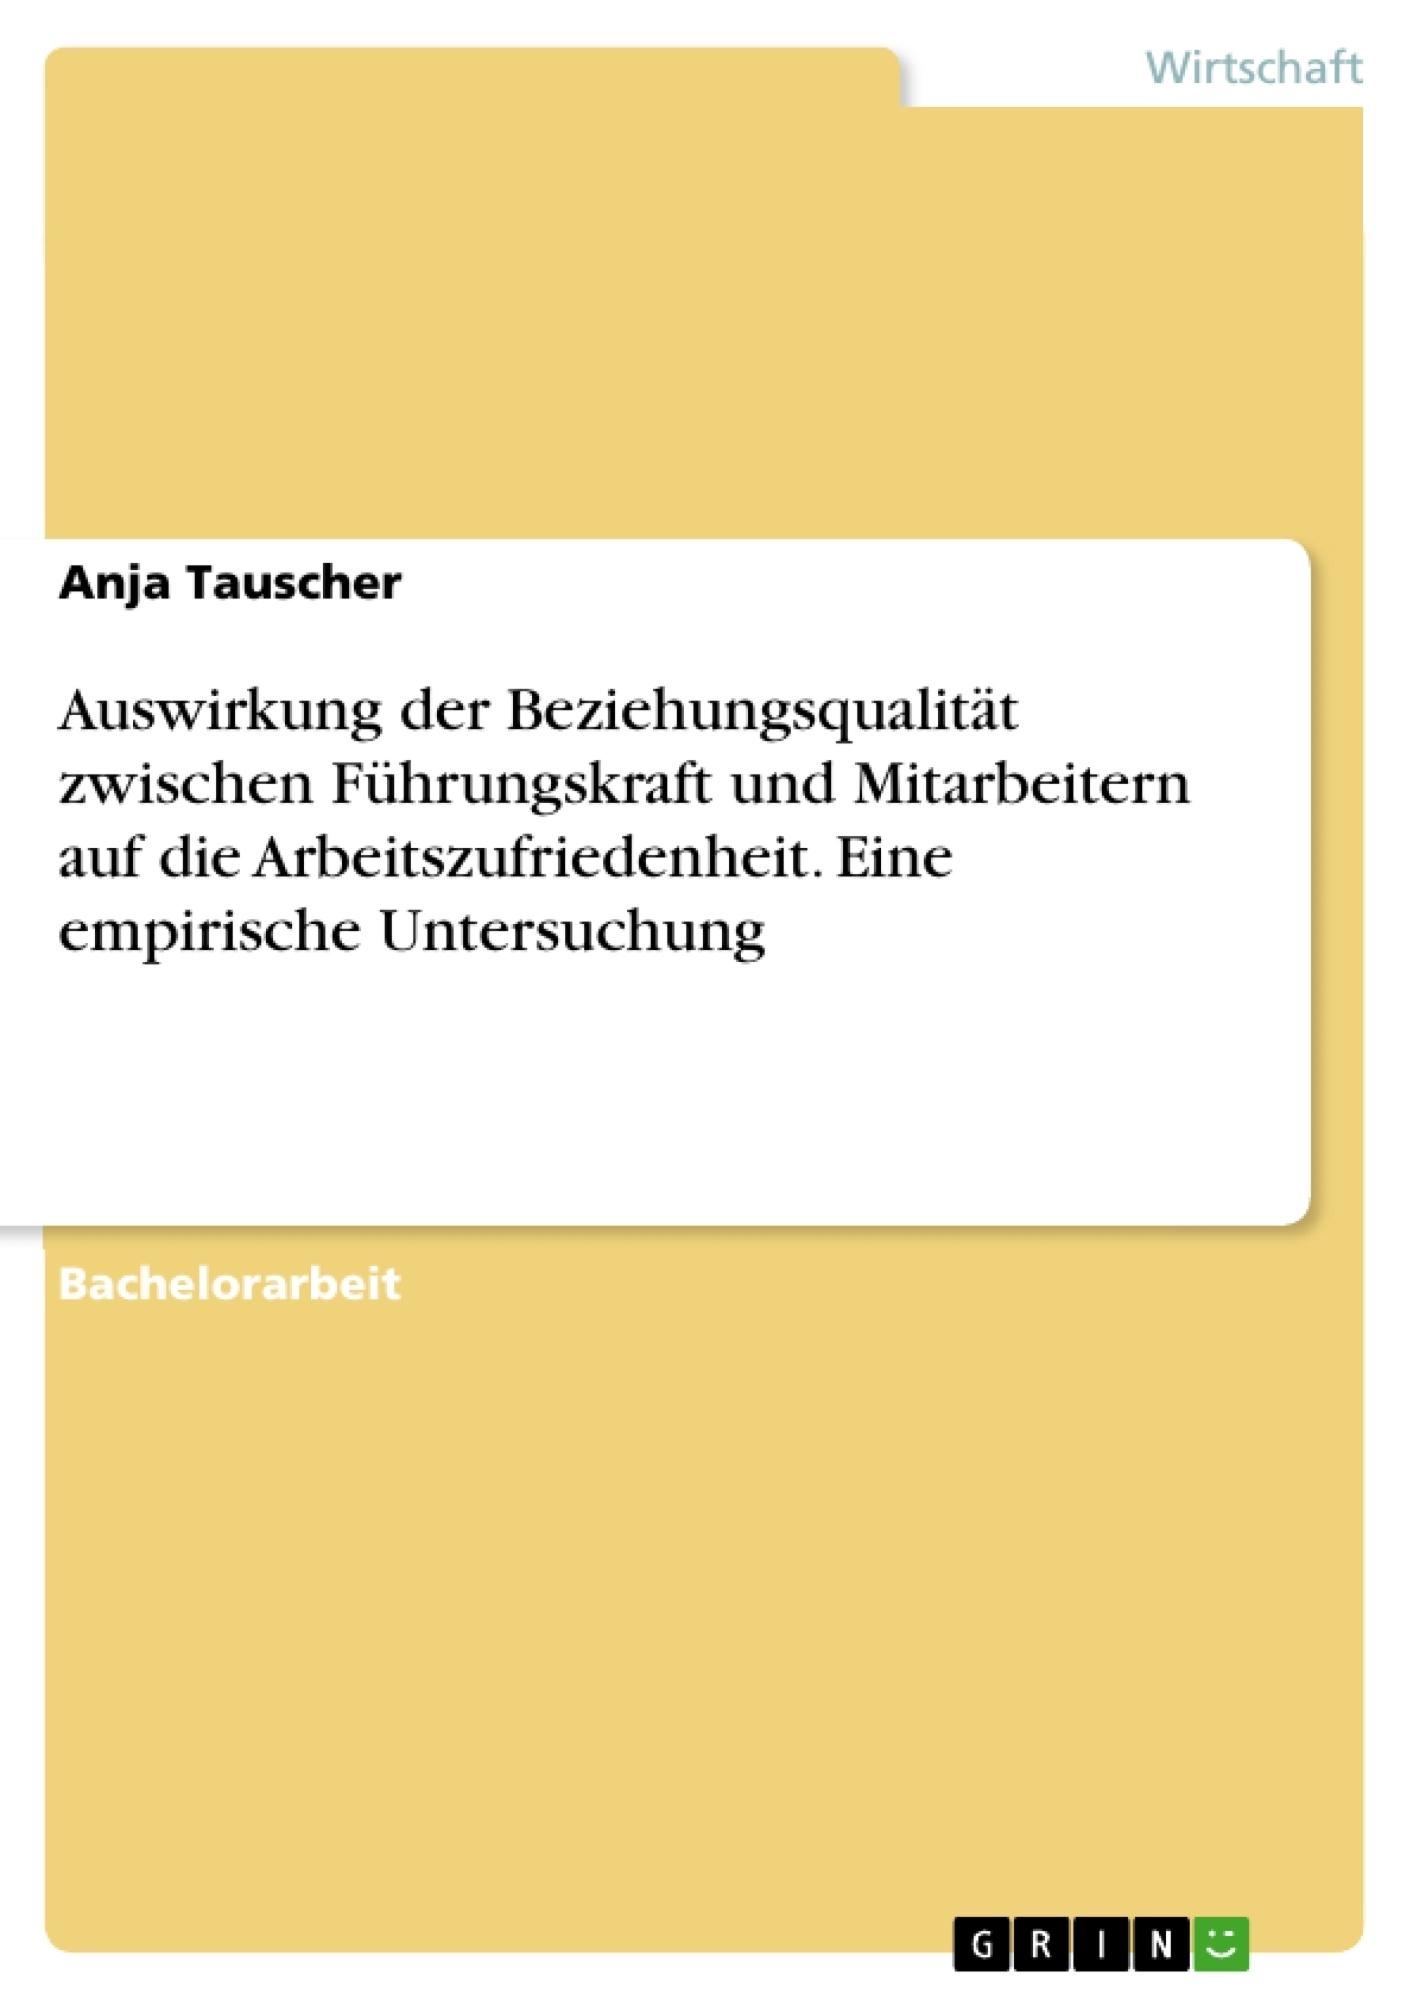 Titel: Auswirkung der Beziehungsqualität zwischen der Führungskraft und Mitarbeitern auf die Arbeitszufriedenheit in funktionaler Organisationsstruktur. Eine empirische Untersuchung